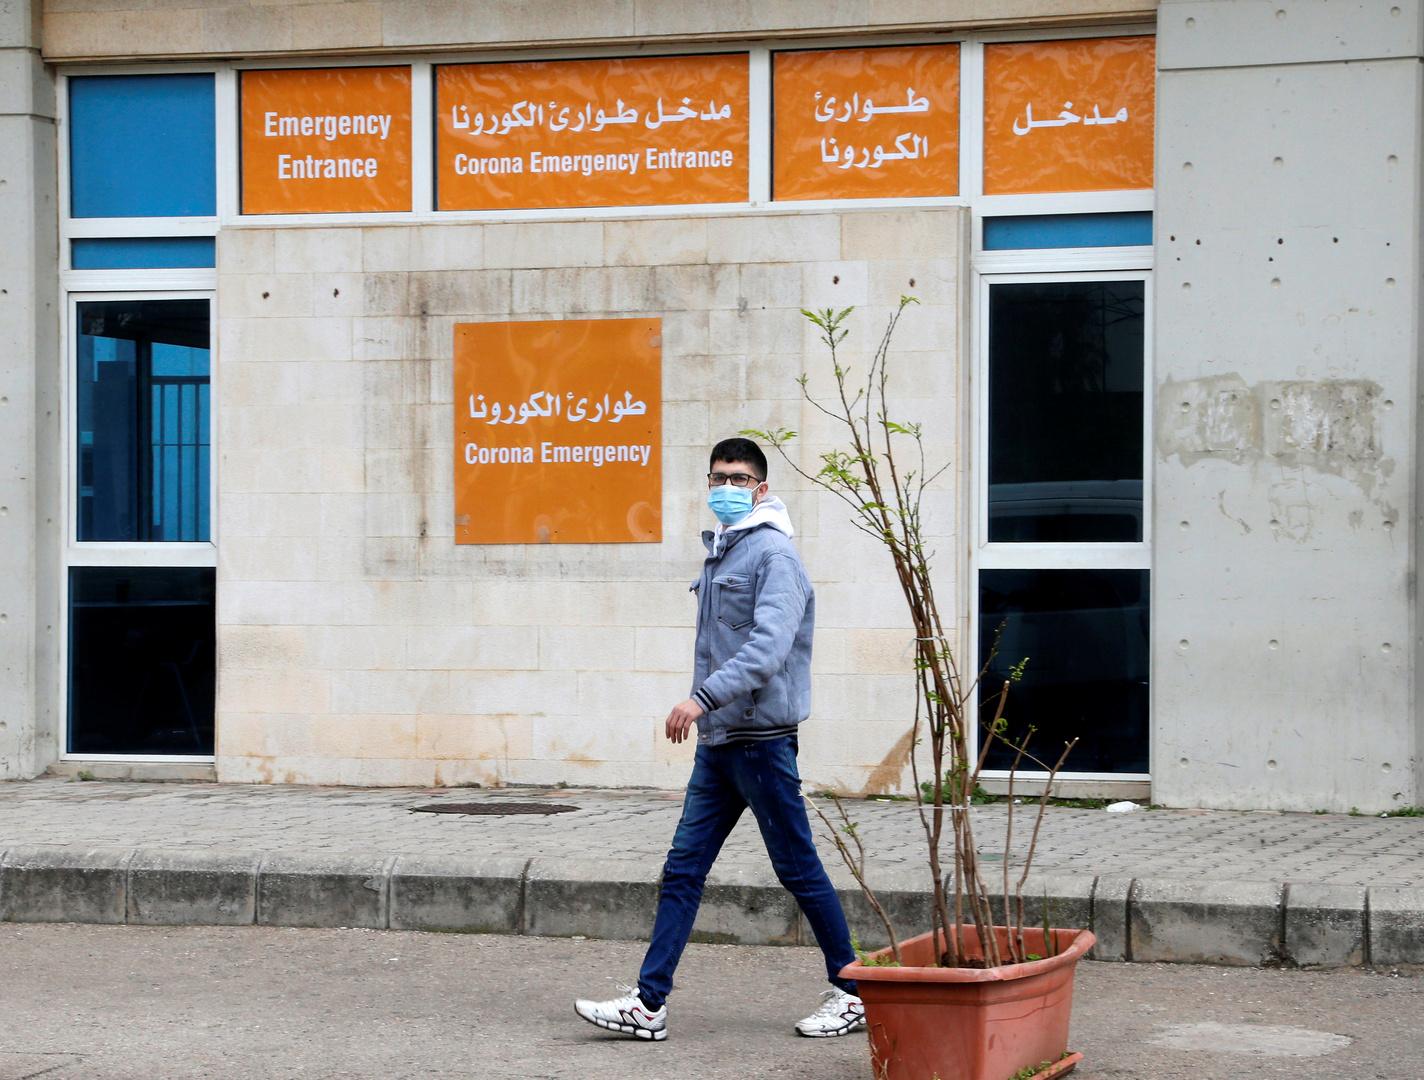 كورونا يضرب لبنان بقوة.. الإصابات اليومية تقترب من 800 حالة